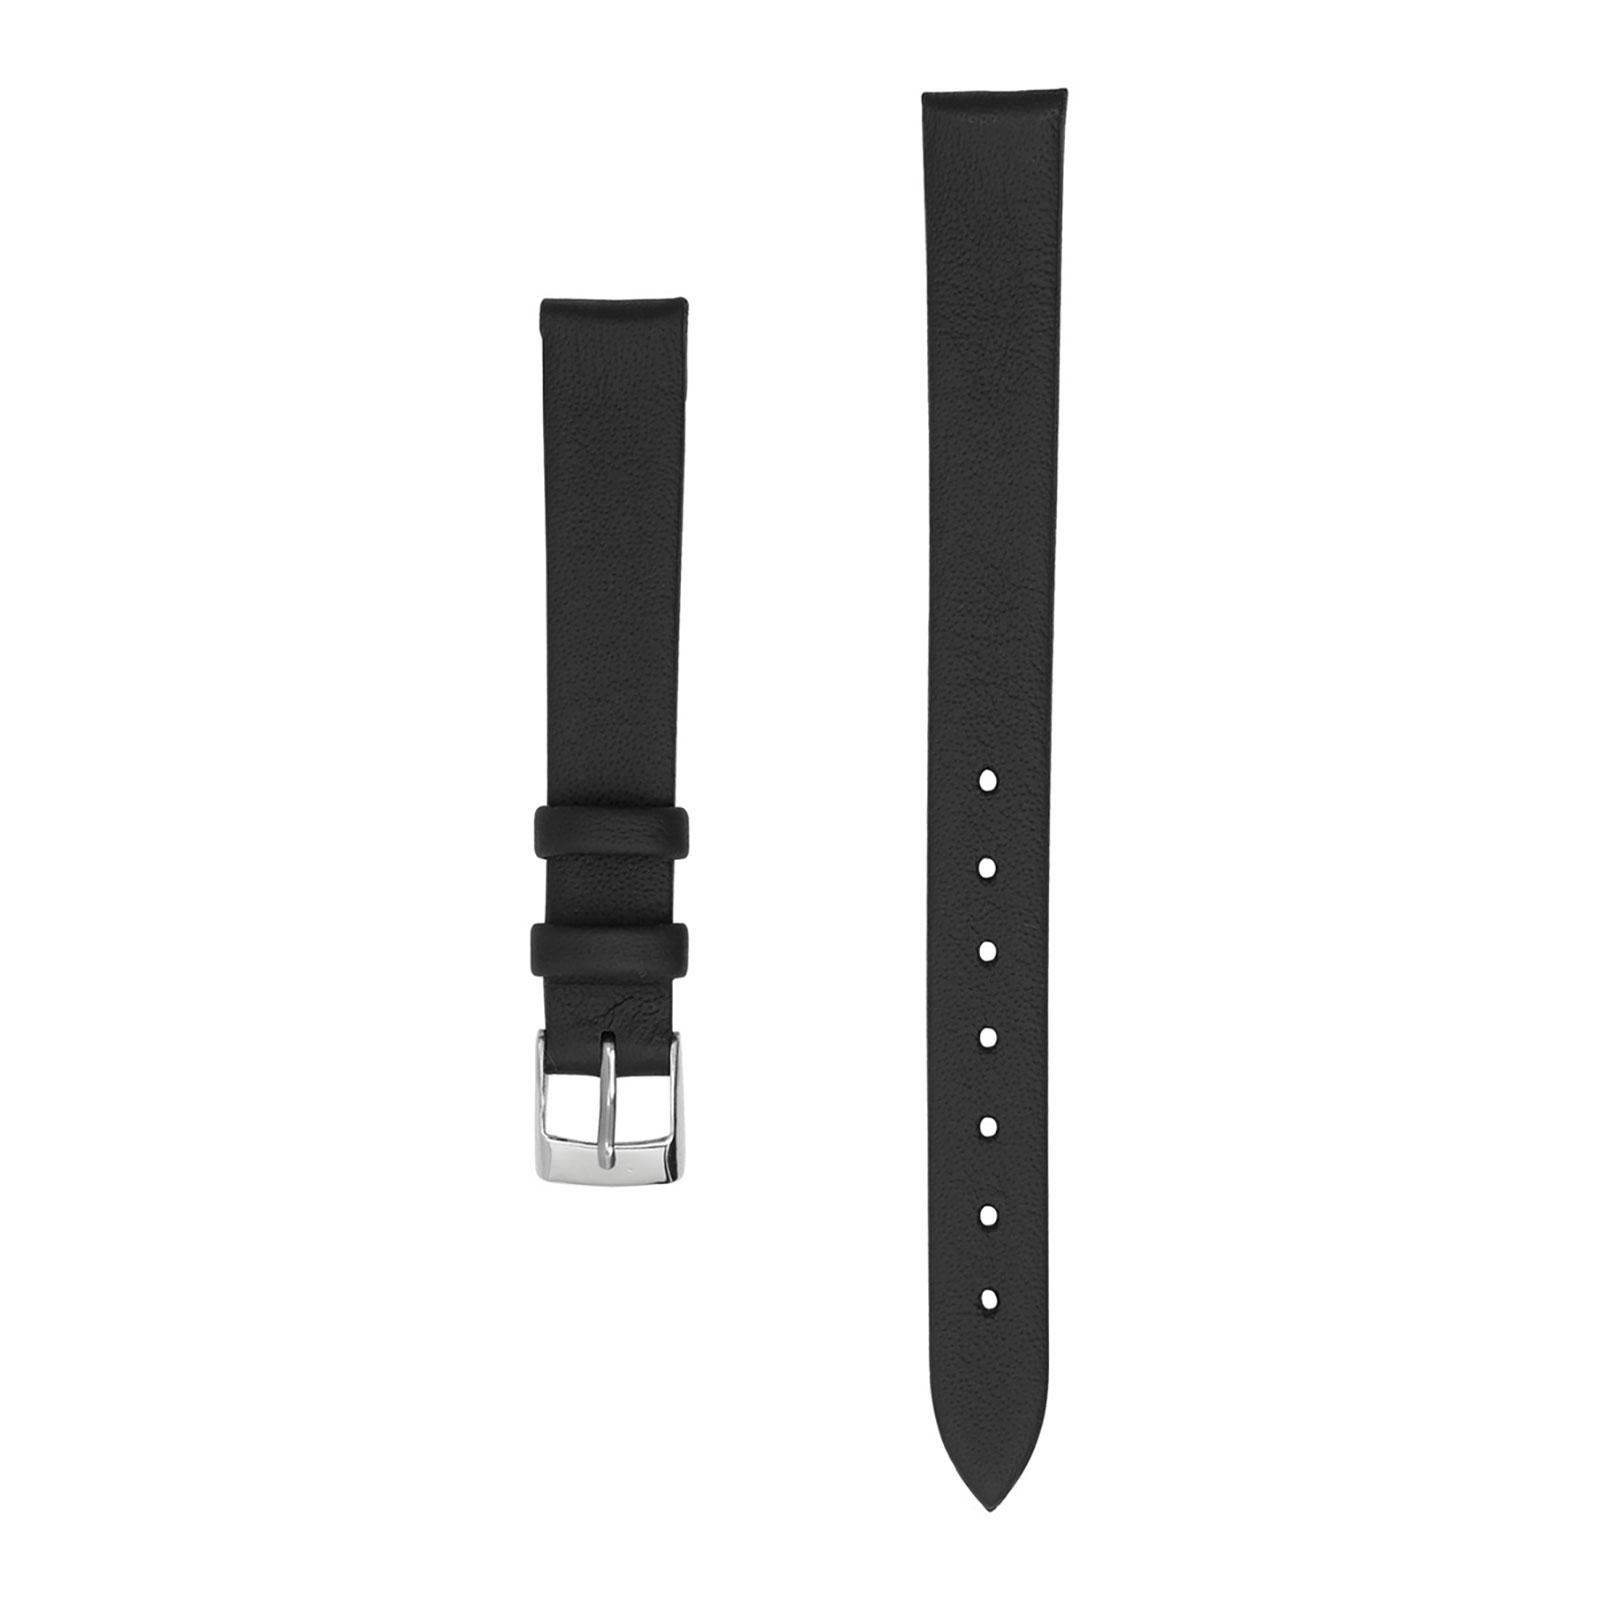 Klockarmband 12 mm - svart läder